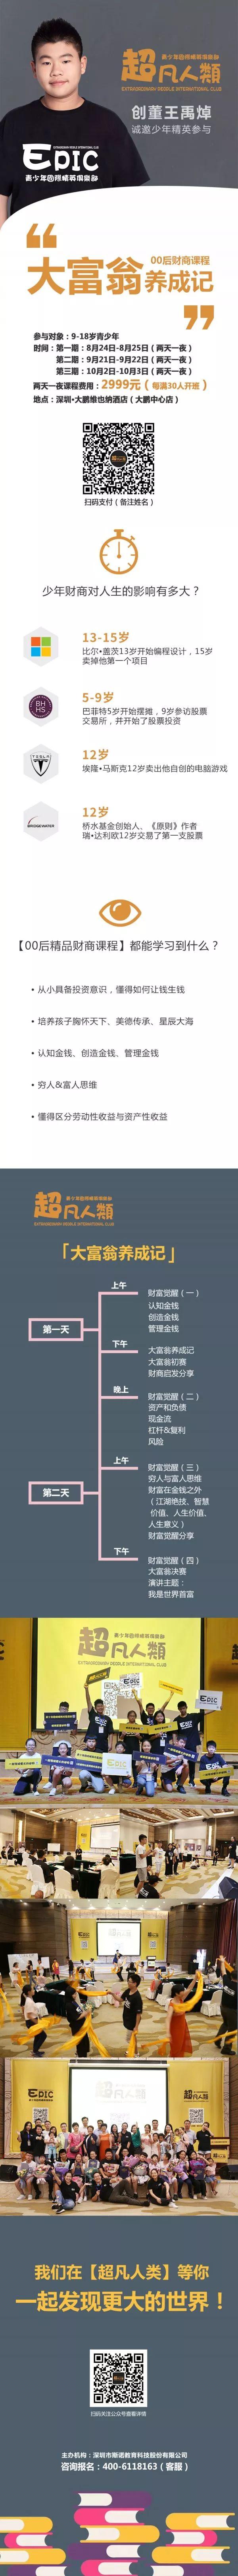 14岁队长巩宸昊:笃定自己,一定能改变世界!插图(7)